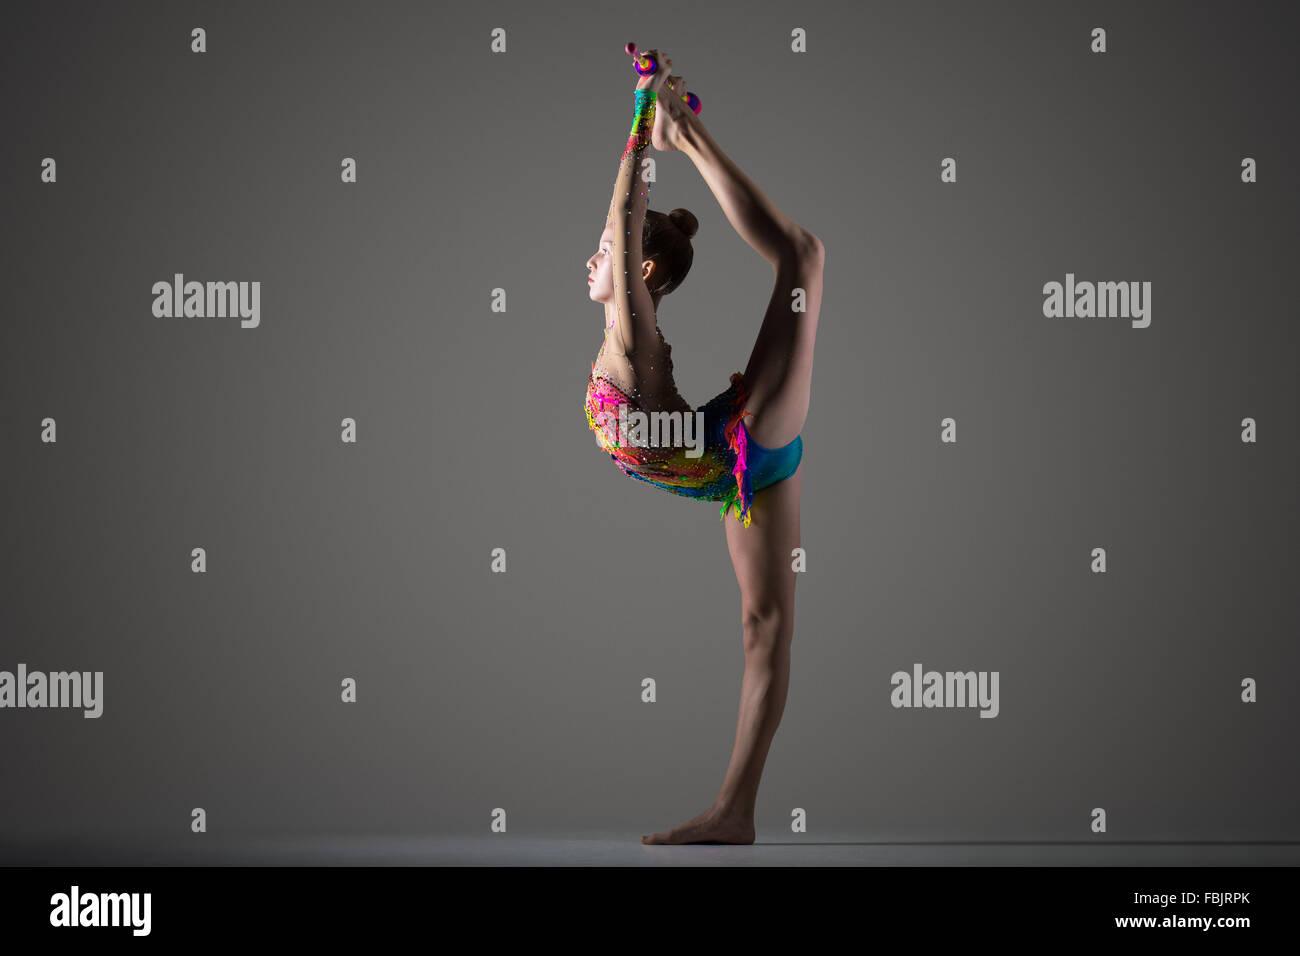 Belle jeune femme cool fit gymnaste dans l'élaboration de vêtements colorés, debout sur une jambe, Photo Stock